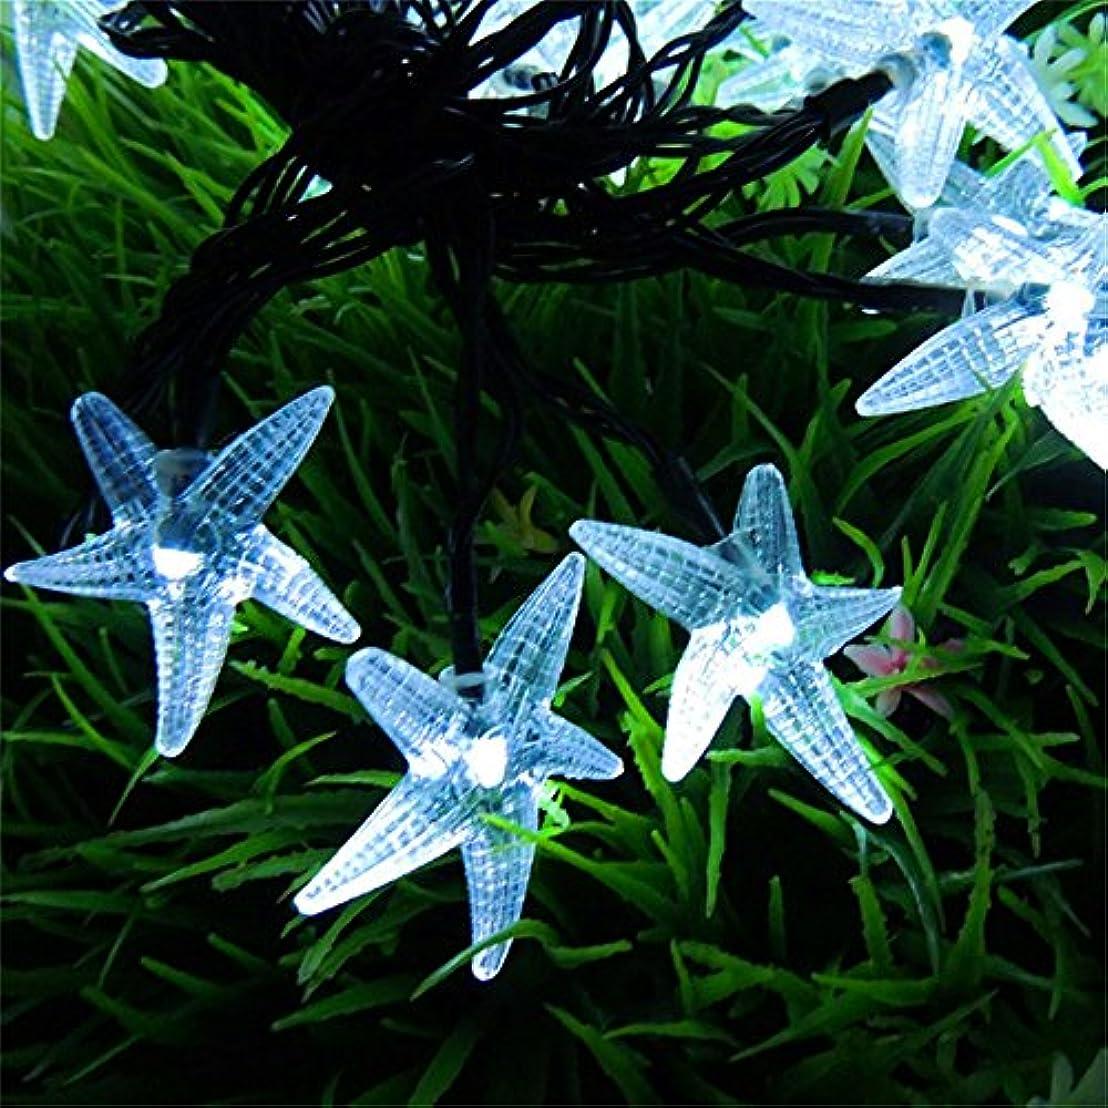 過ち早熟挨拶するソーラーストリングライト、SIMPLE DO LEDライト イルミネーション クリスマス パーティー 防水 省エネ 環境に優しい 使いやすい カラフル(ホワイト)